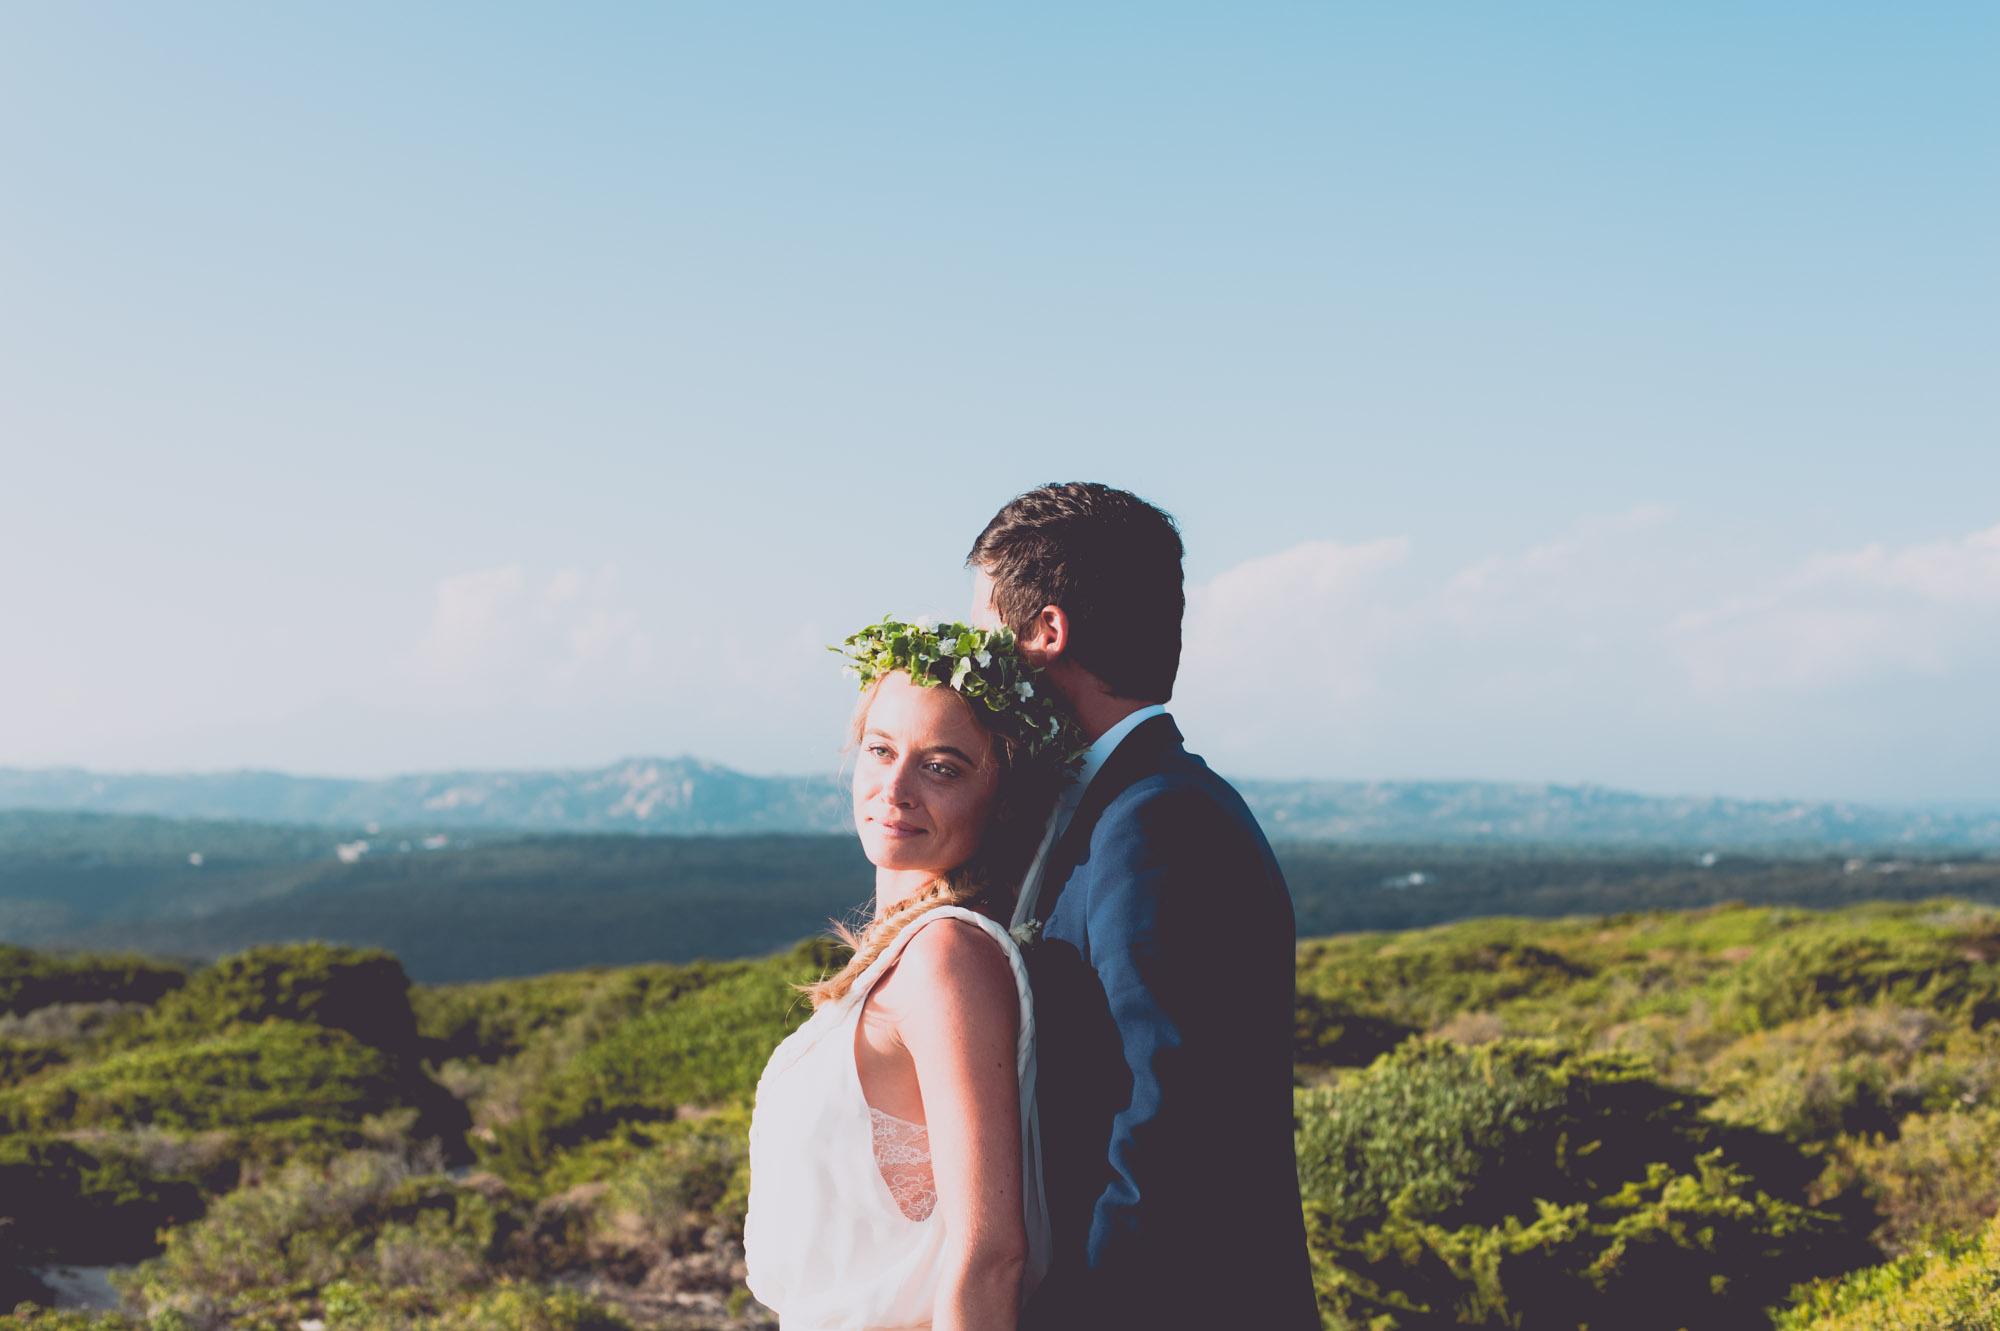 Photographe mariage bohème chic Corse Bonifacio - C et A (79)